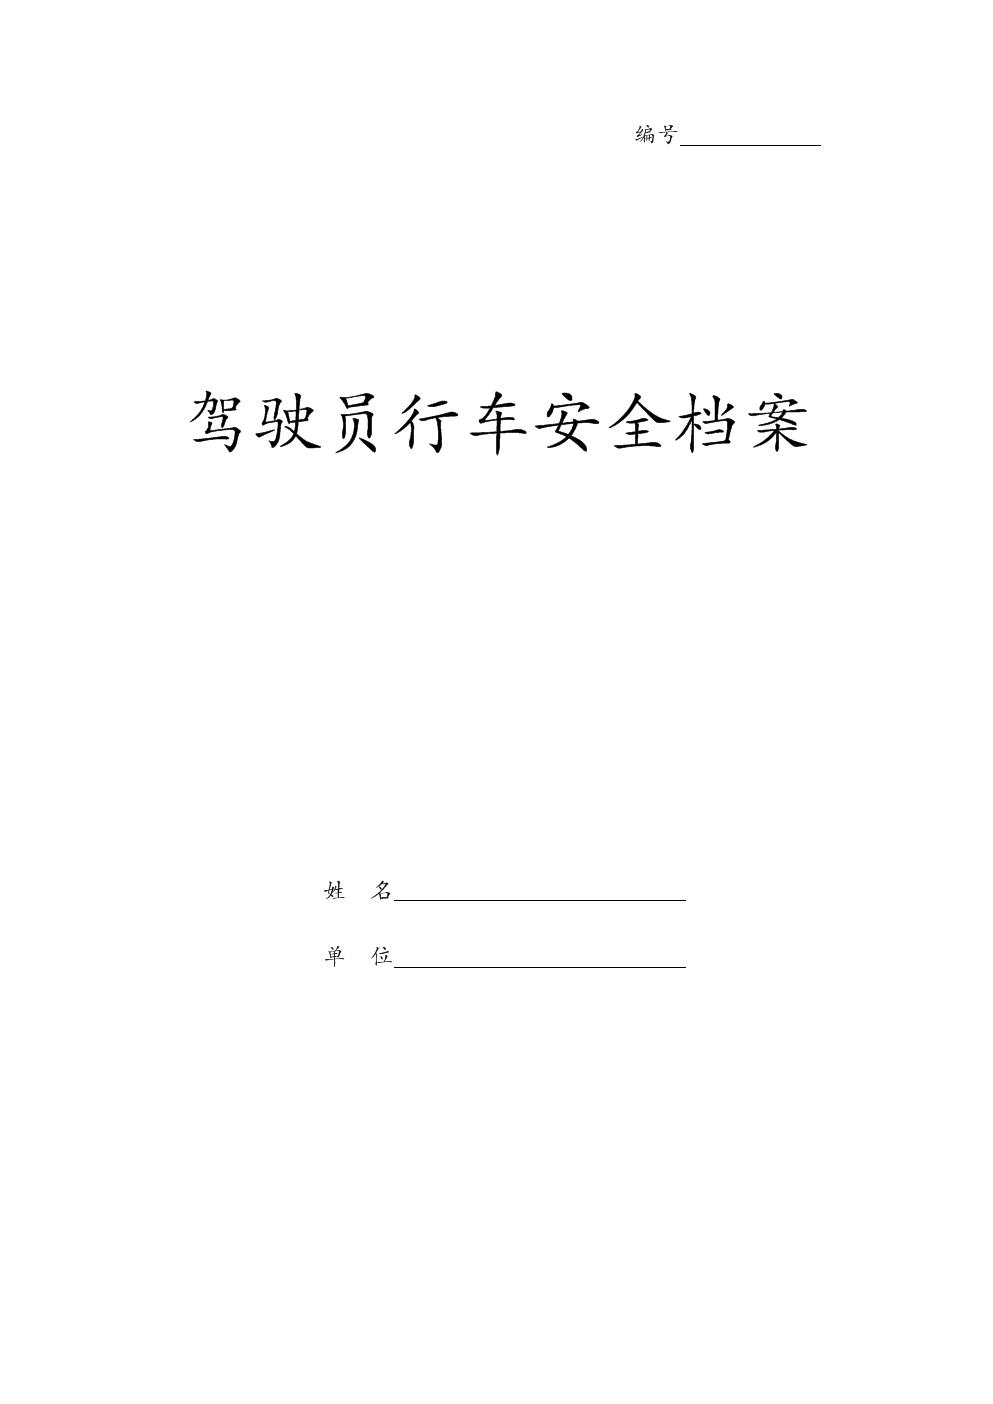 驾驶员安全信息的档案表.doc